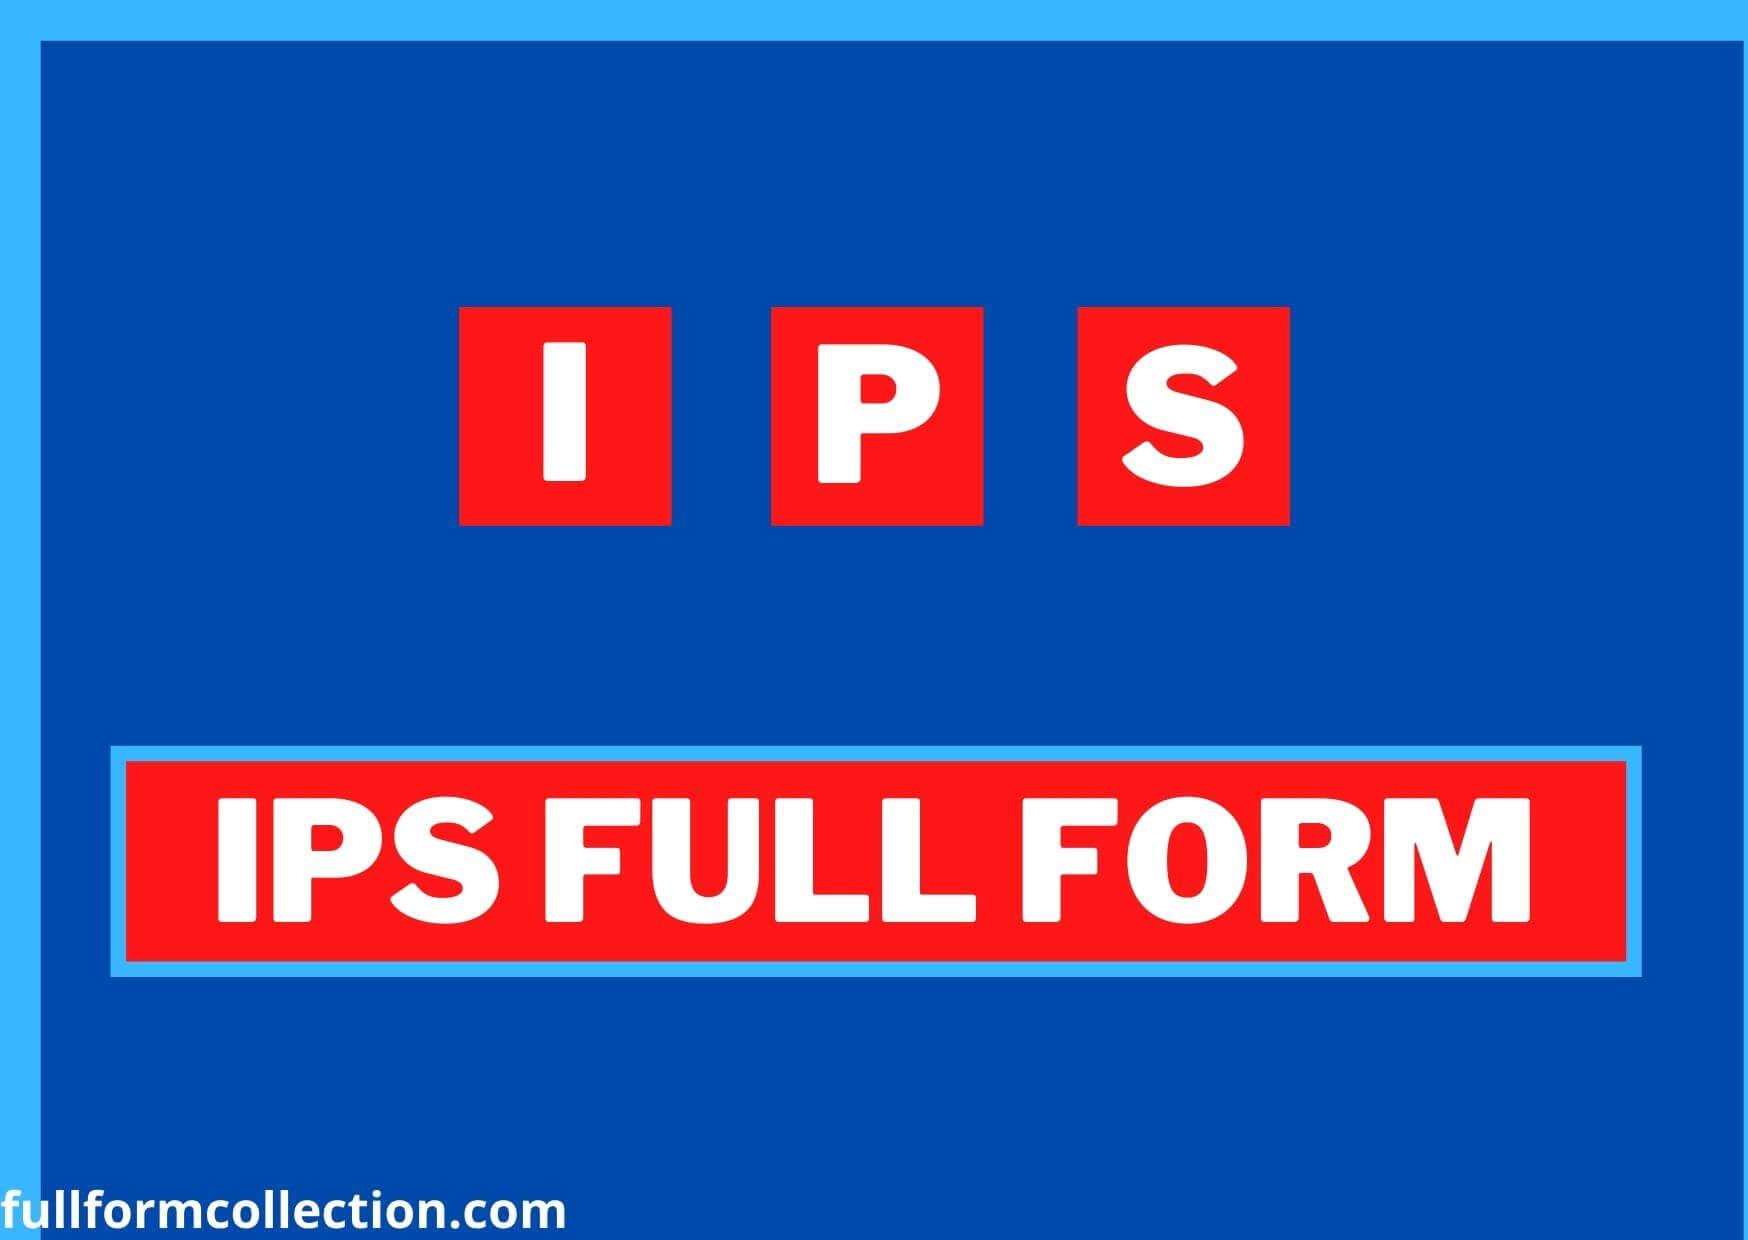 IPS Full Form